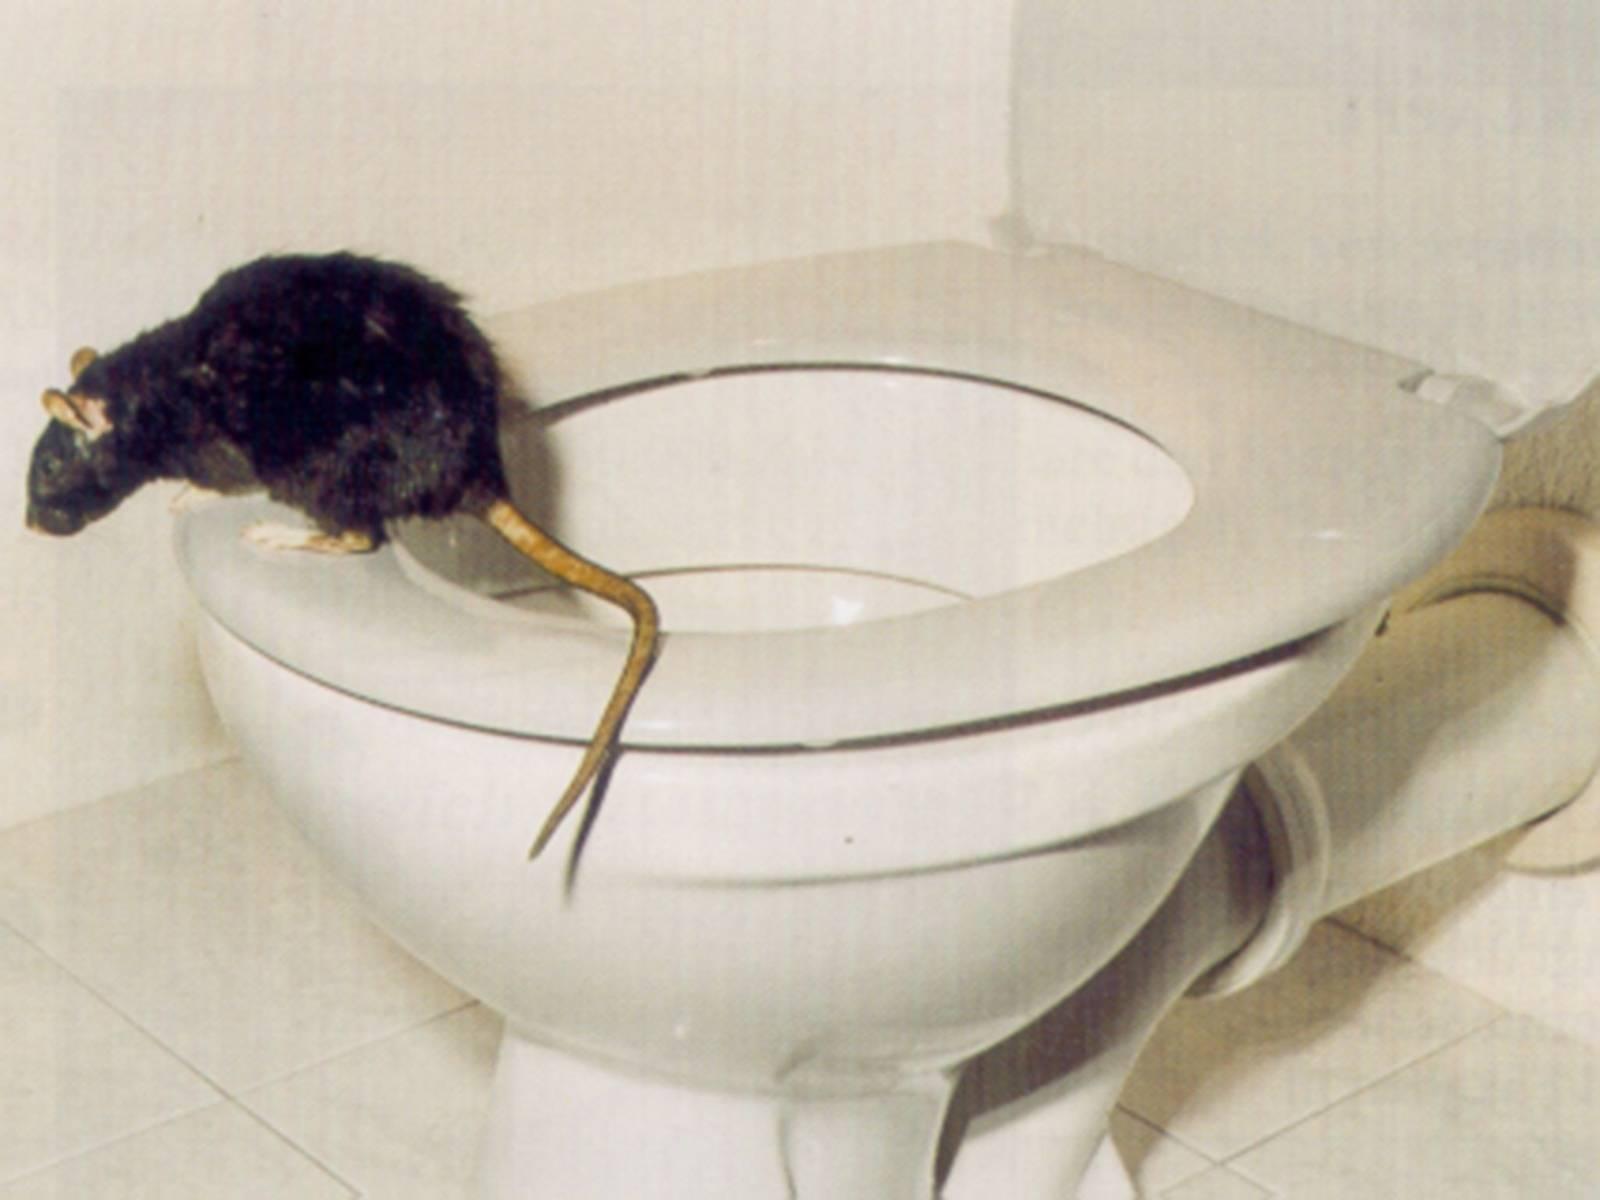 Ratte aus dem Untergrund